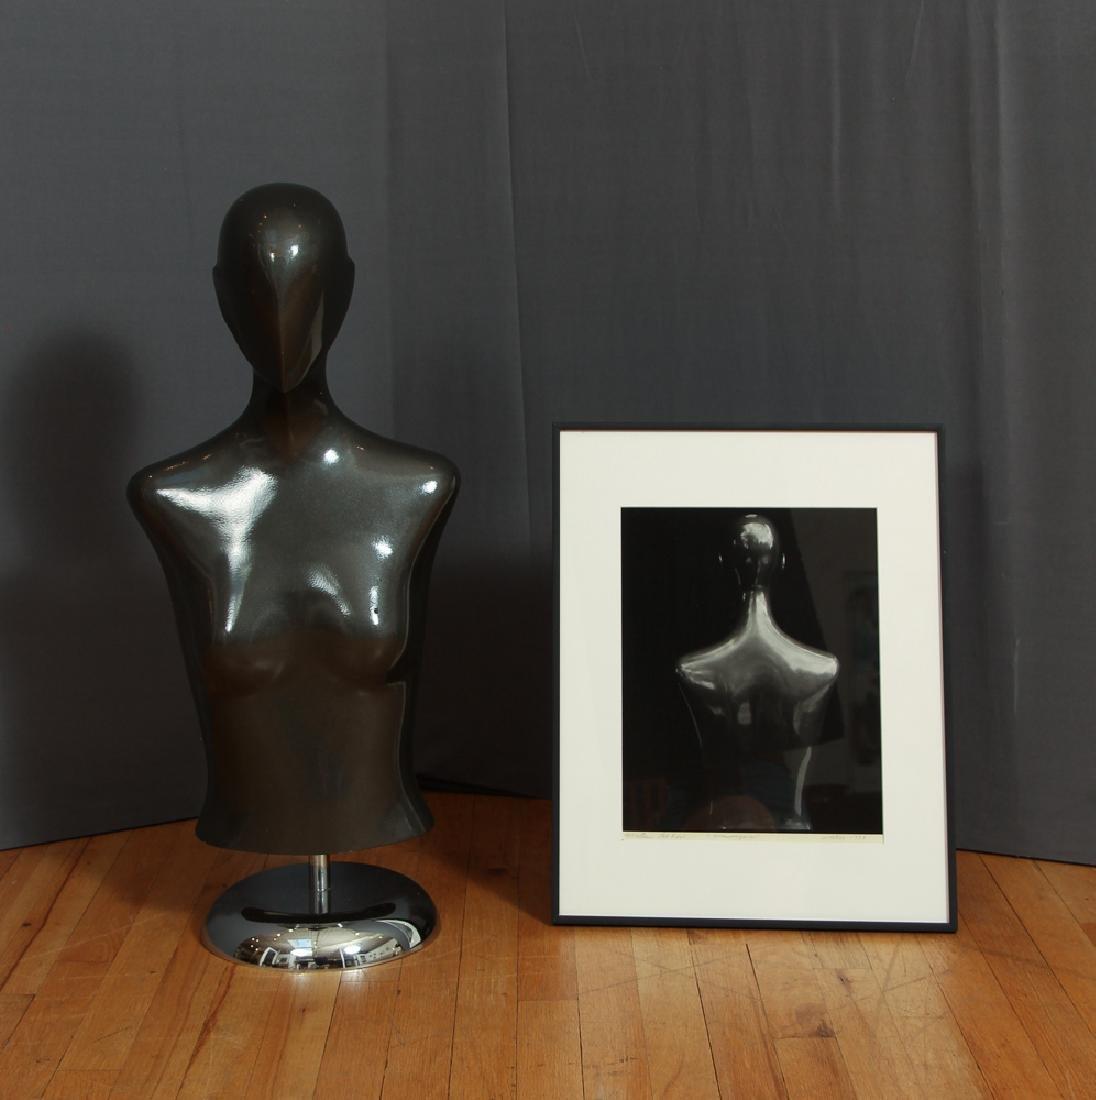 Martin Prekop Silver Gelatin Photo and Mannequin - 2